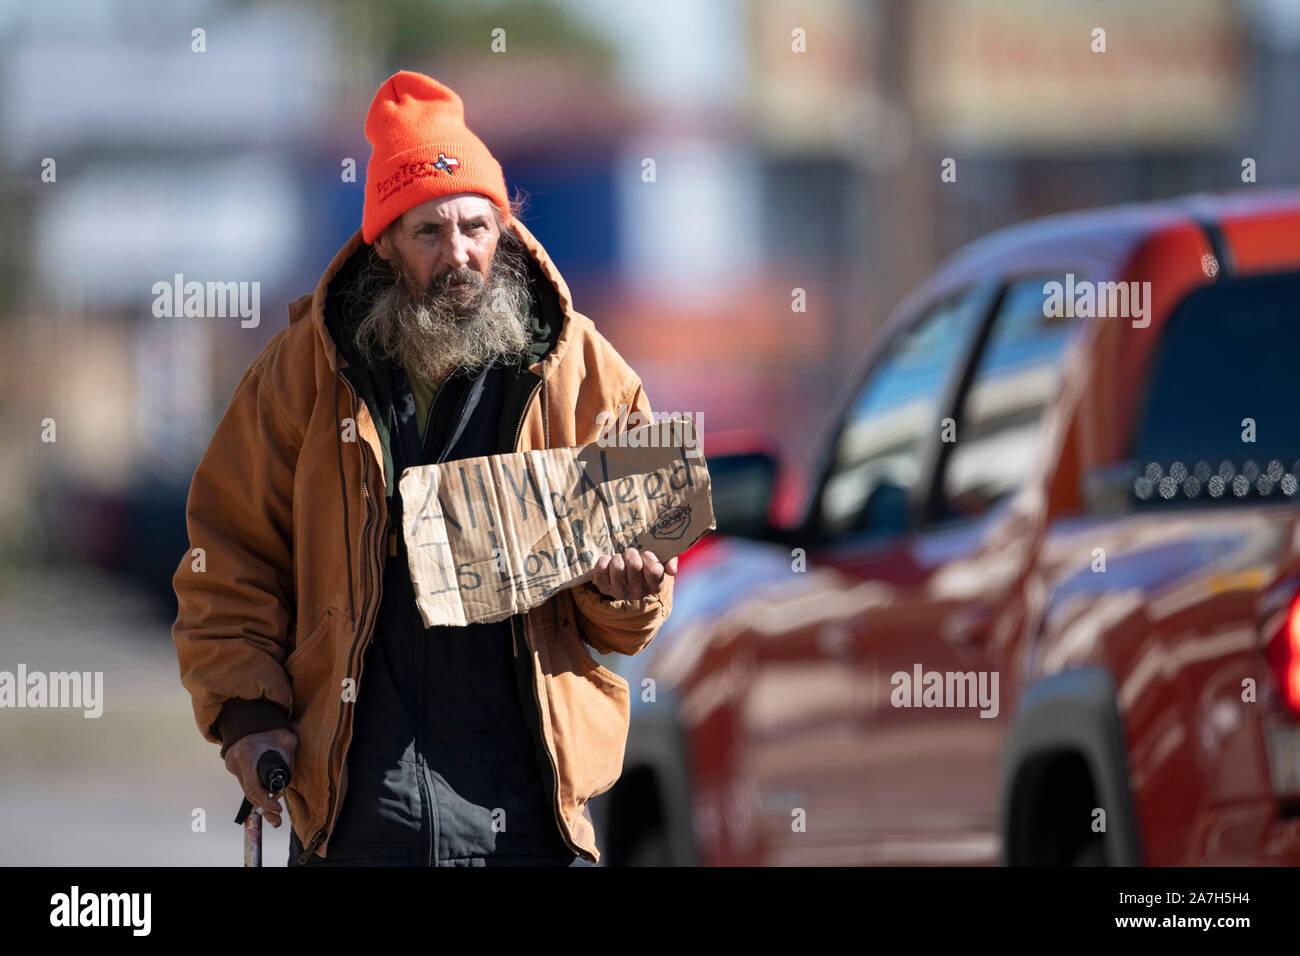 Hombre sin hogar panhandles por dinero en una concurrida intersección cerca de un campamento de personas sin hogar bajo un viaducto de la autopista días antes de una amenaza de represión por el Gobernador de Texas, Greg Abbott, en el derecho público de camping. Foto de stock